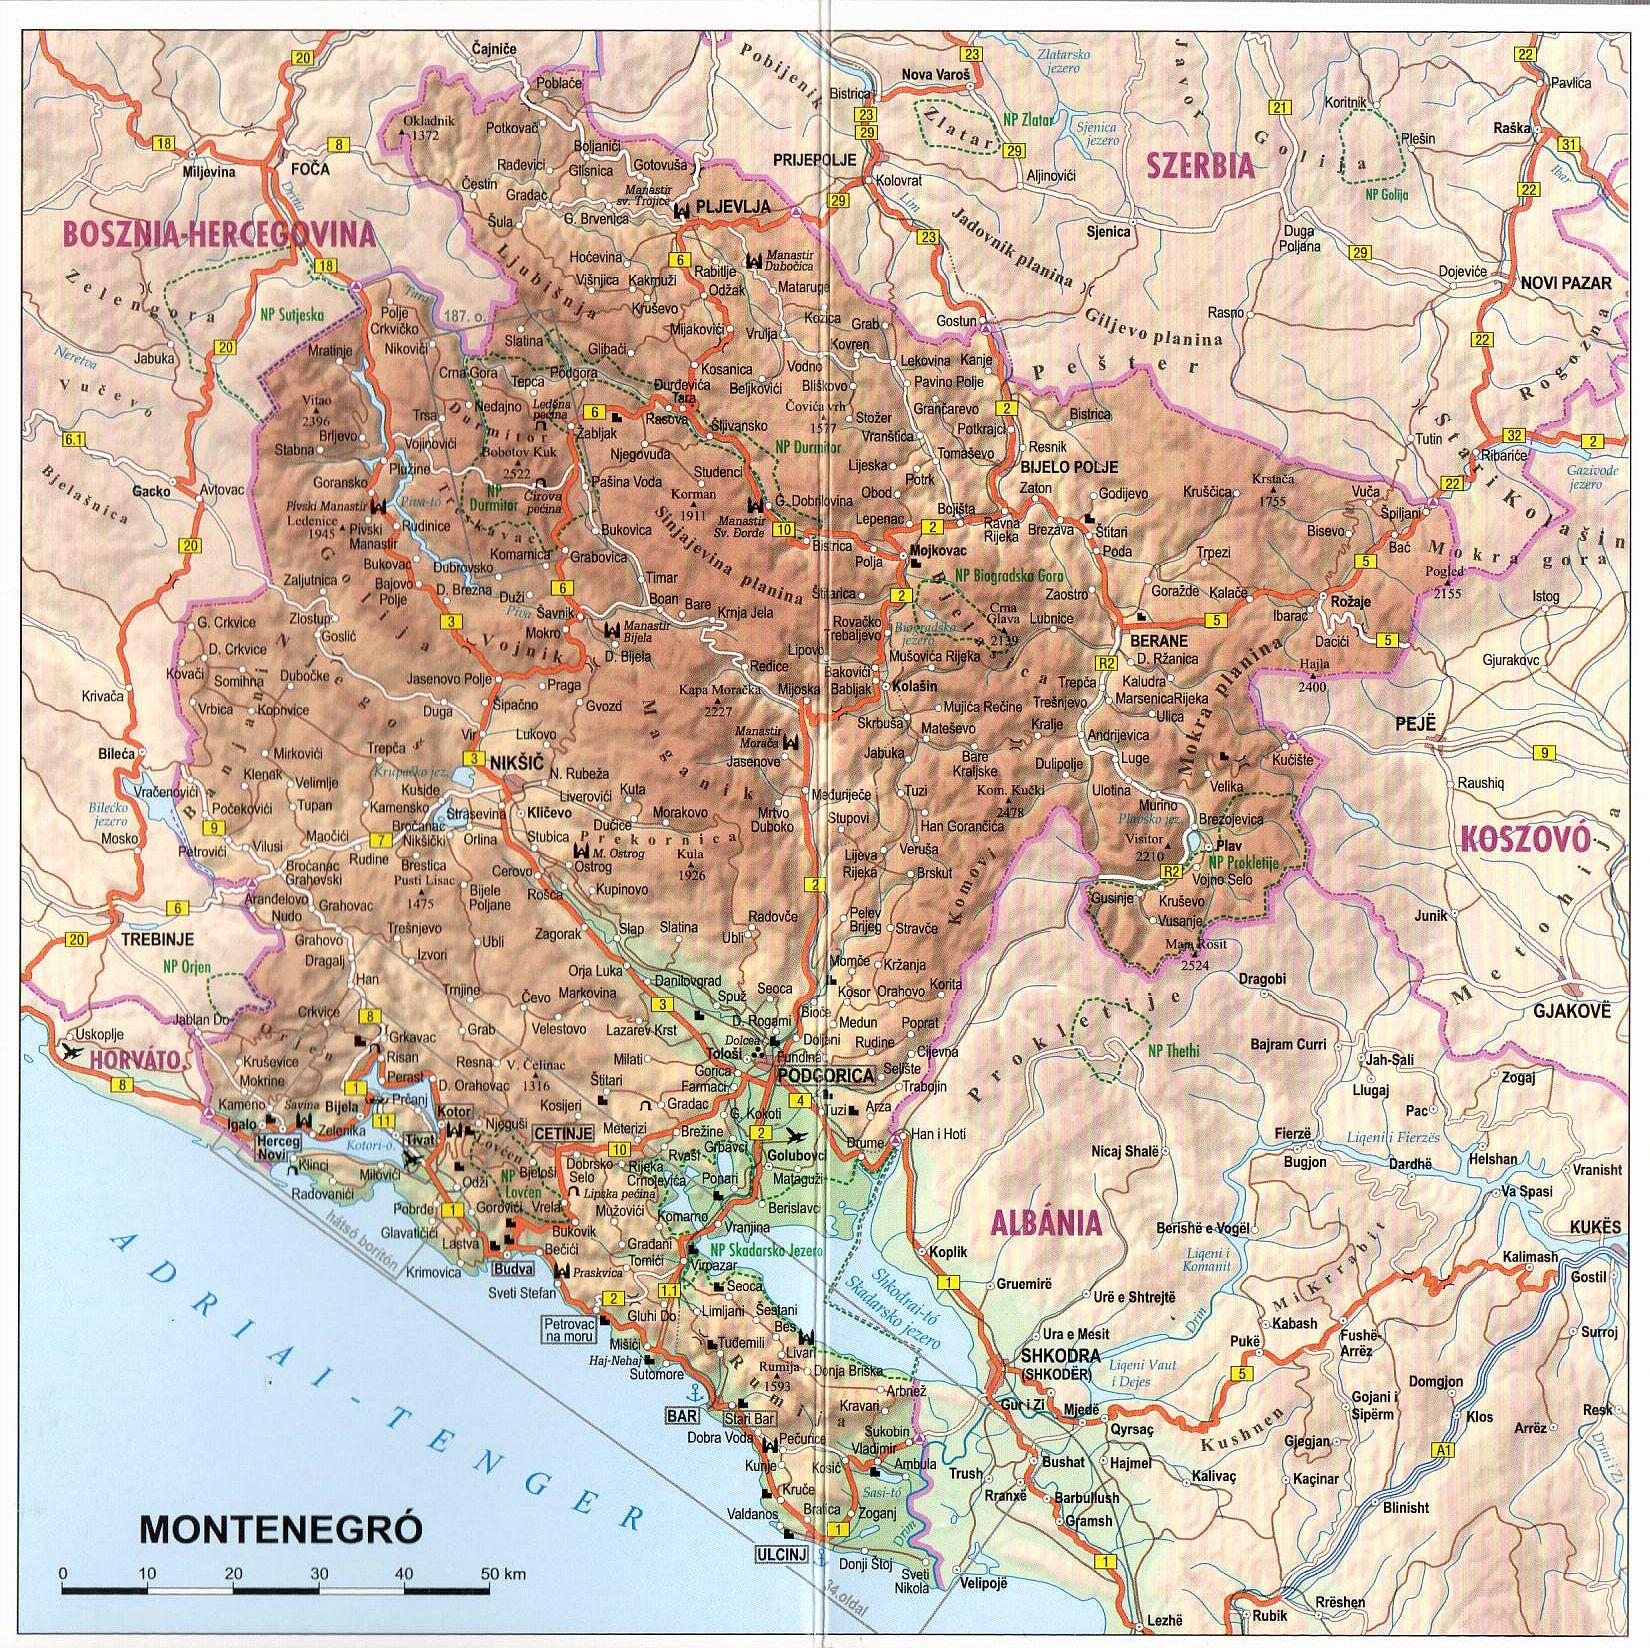 Montenegró térkép